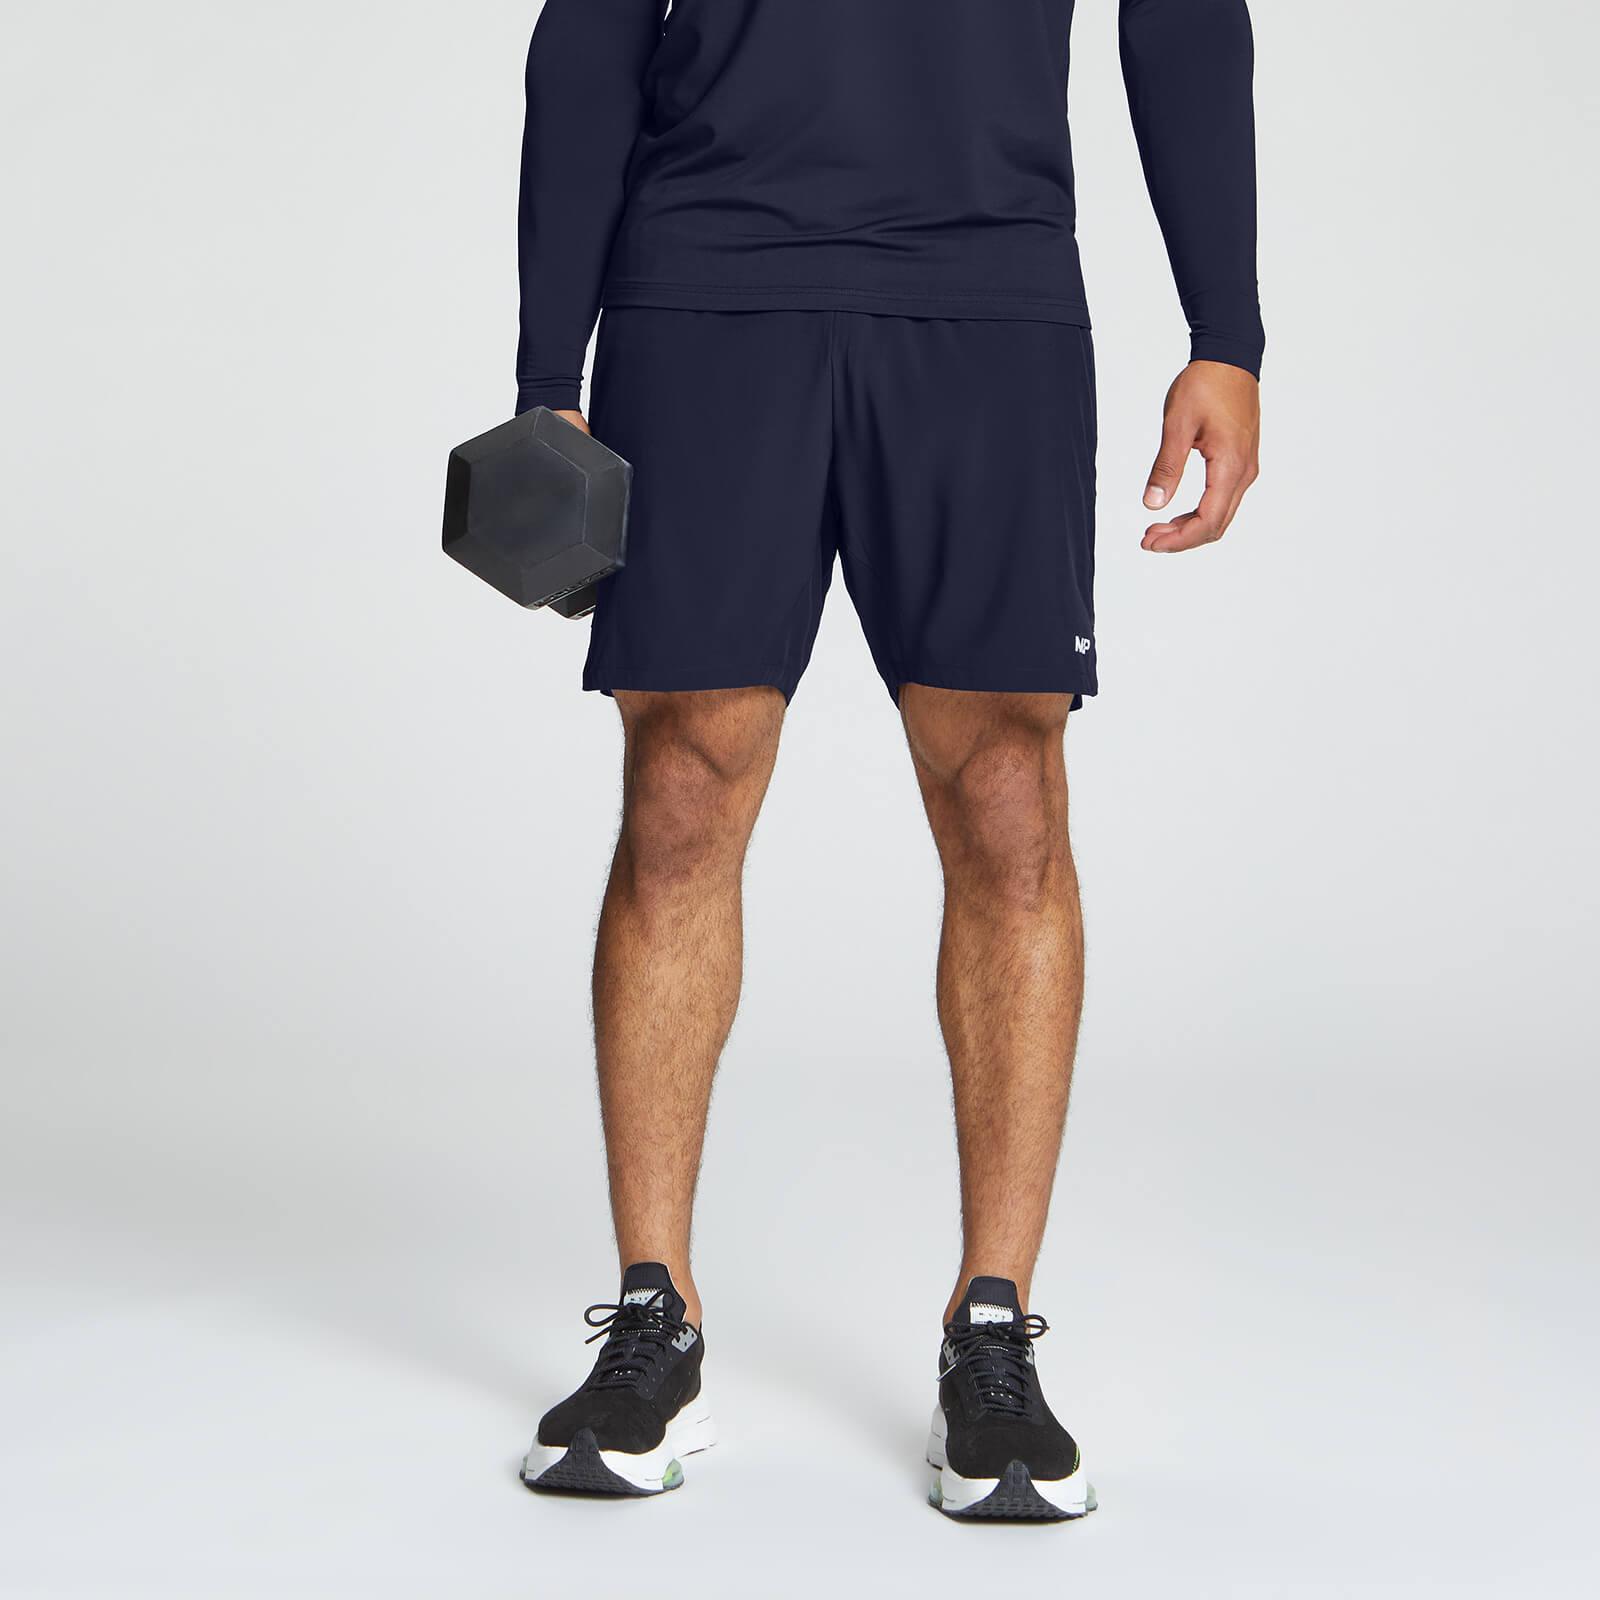 Купить MP Men's Essentials Training Shorts - Navy - XXXL, Myprotein International